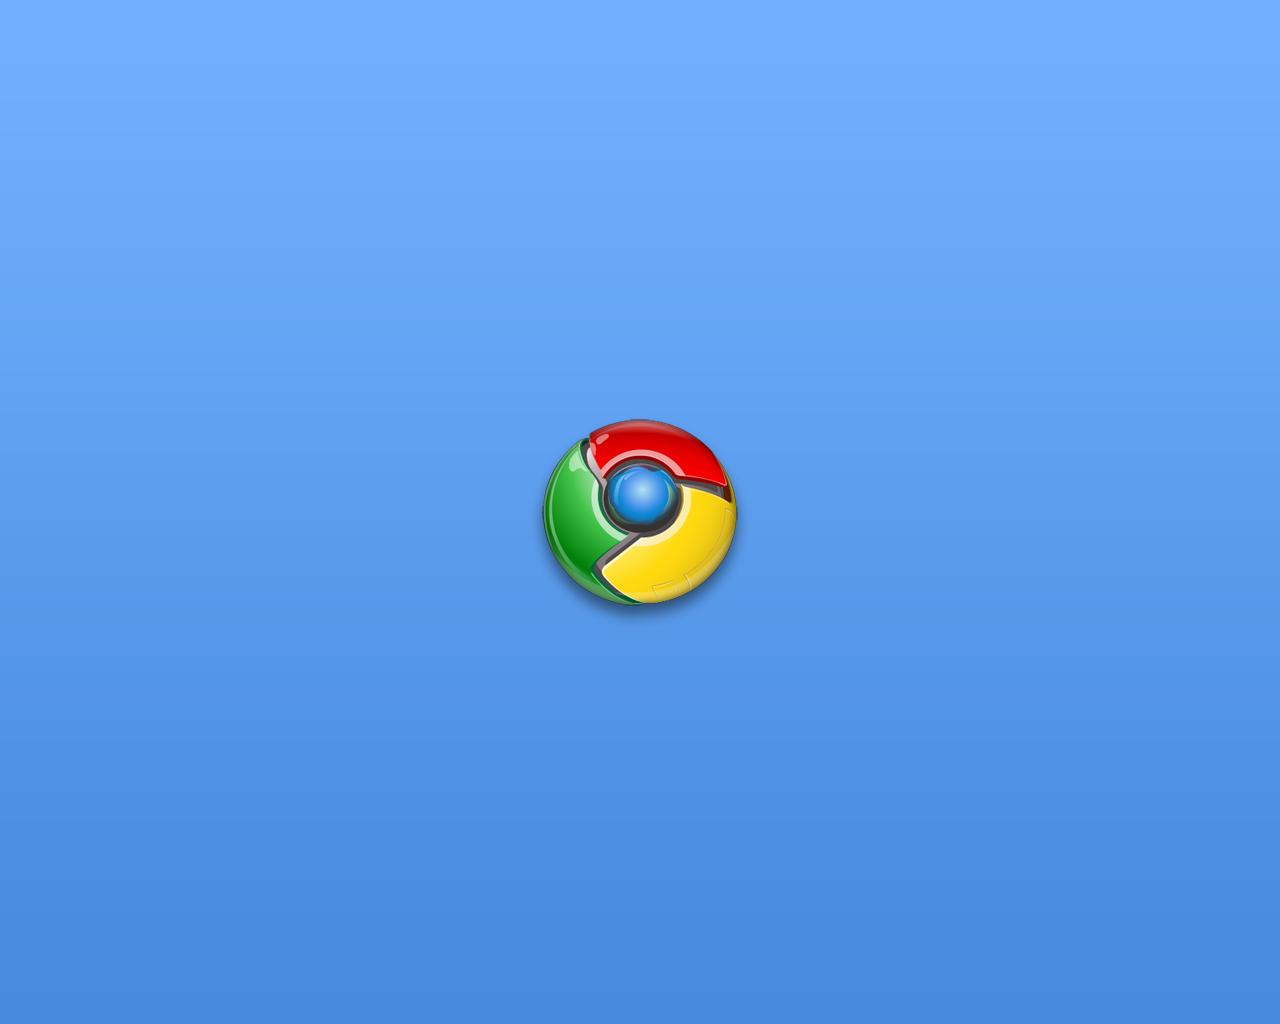 Googlechromewallpaper 1280x1024